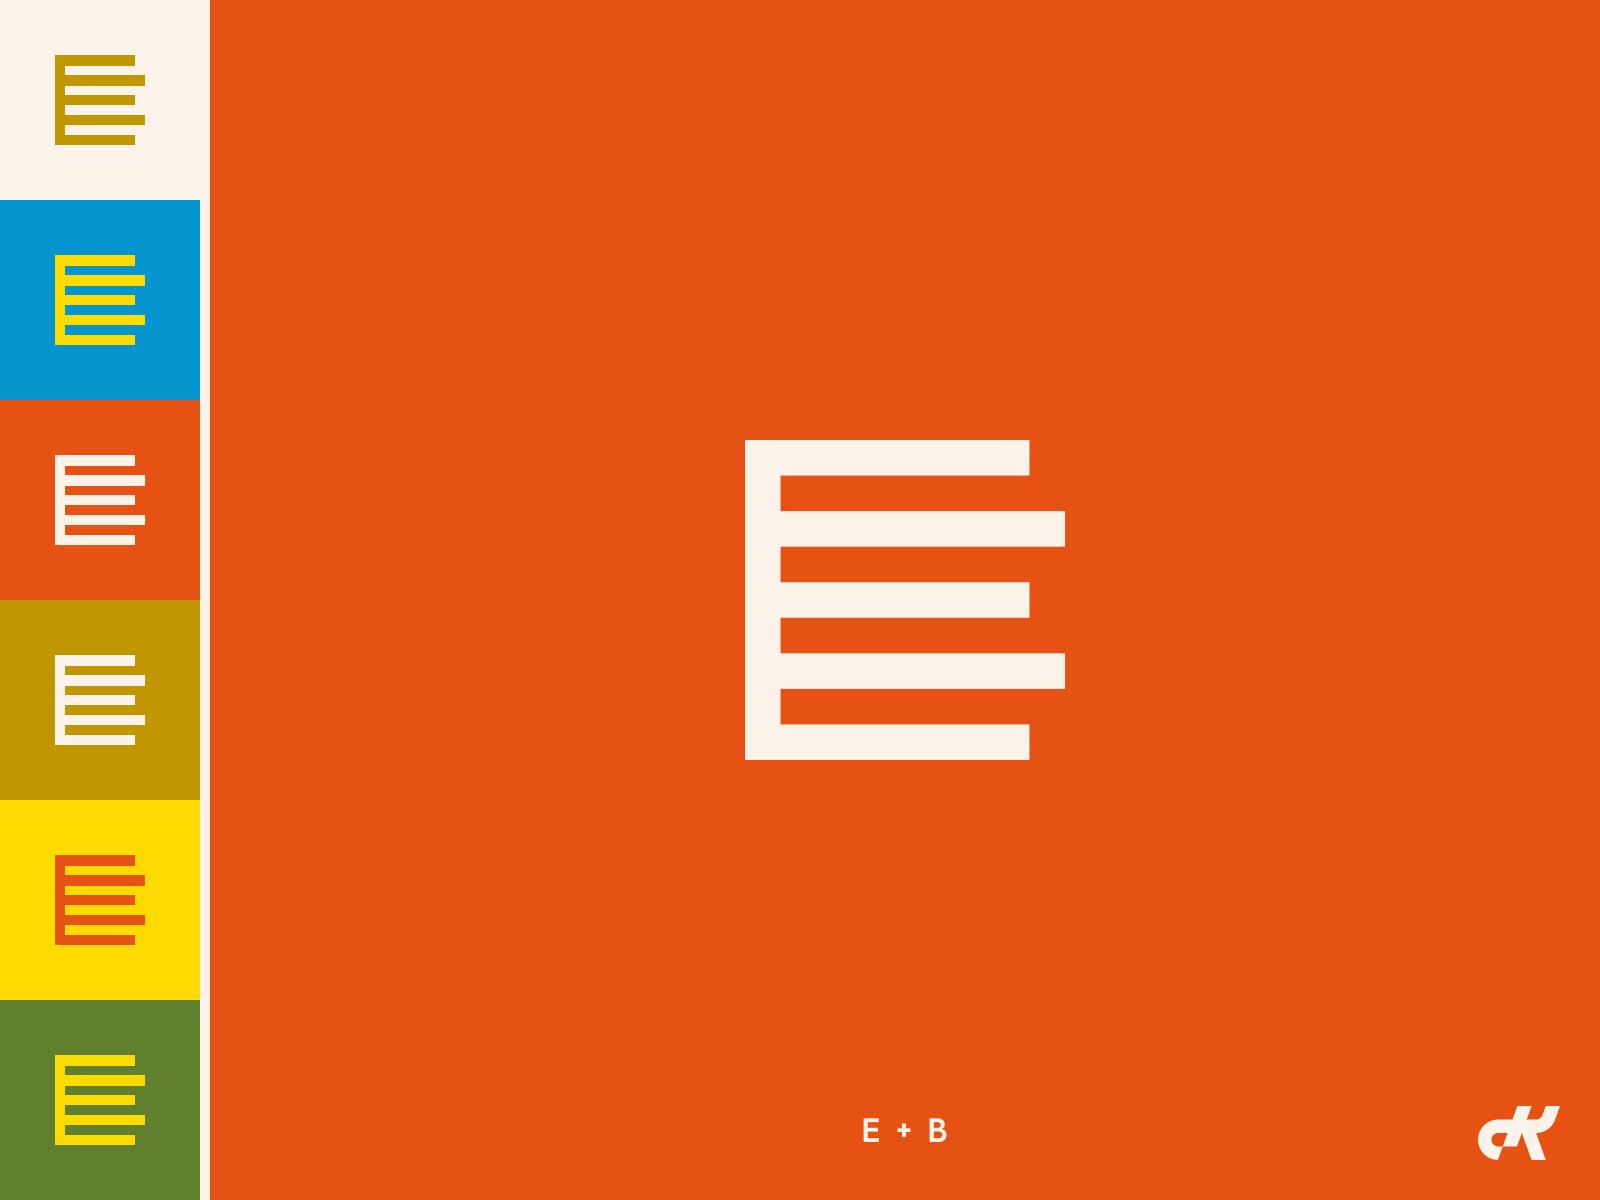 EB Monogram eb b e identity branding simple logo monogram